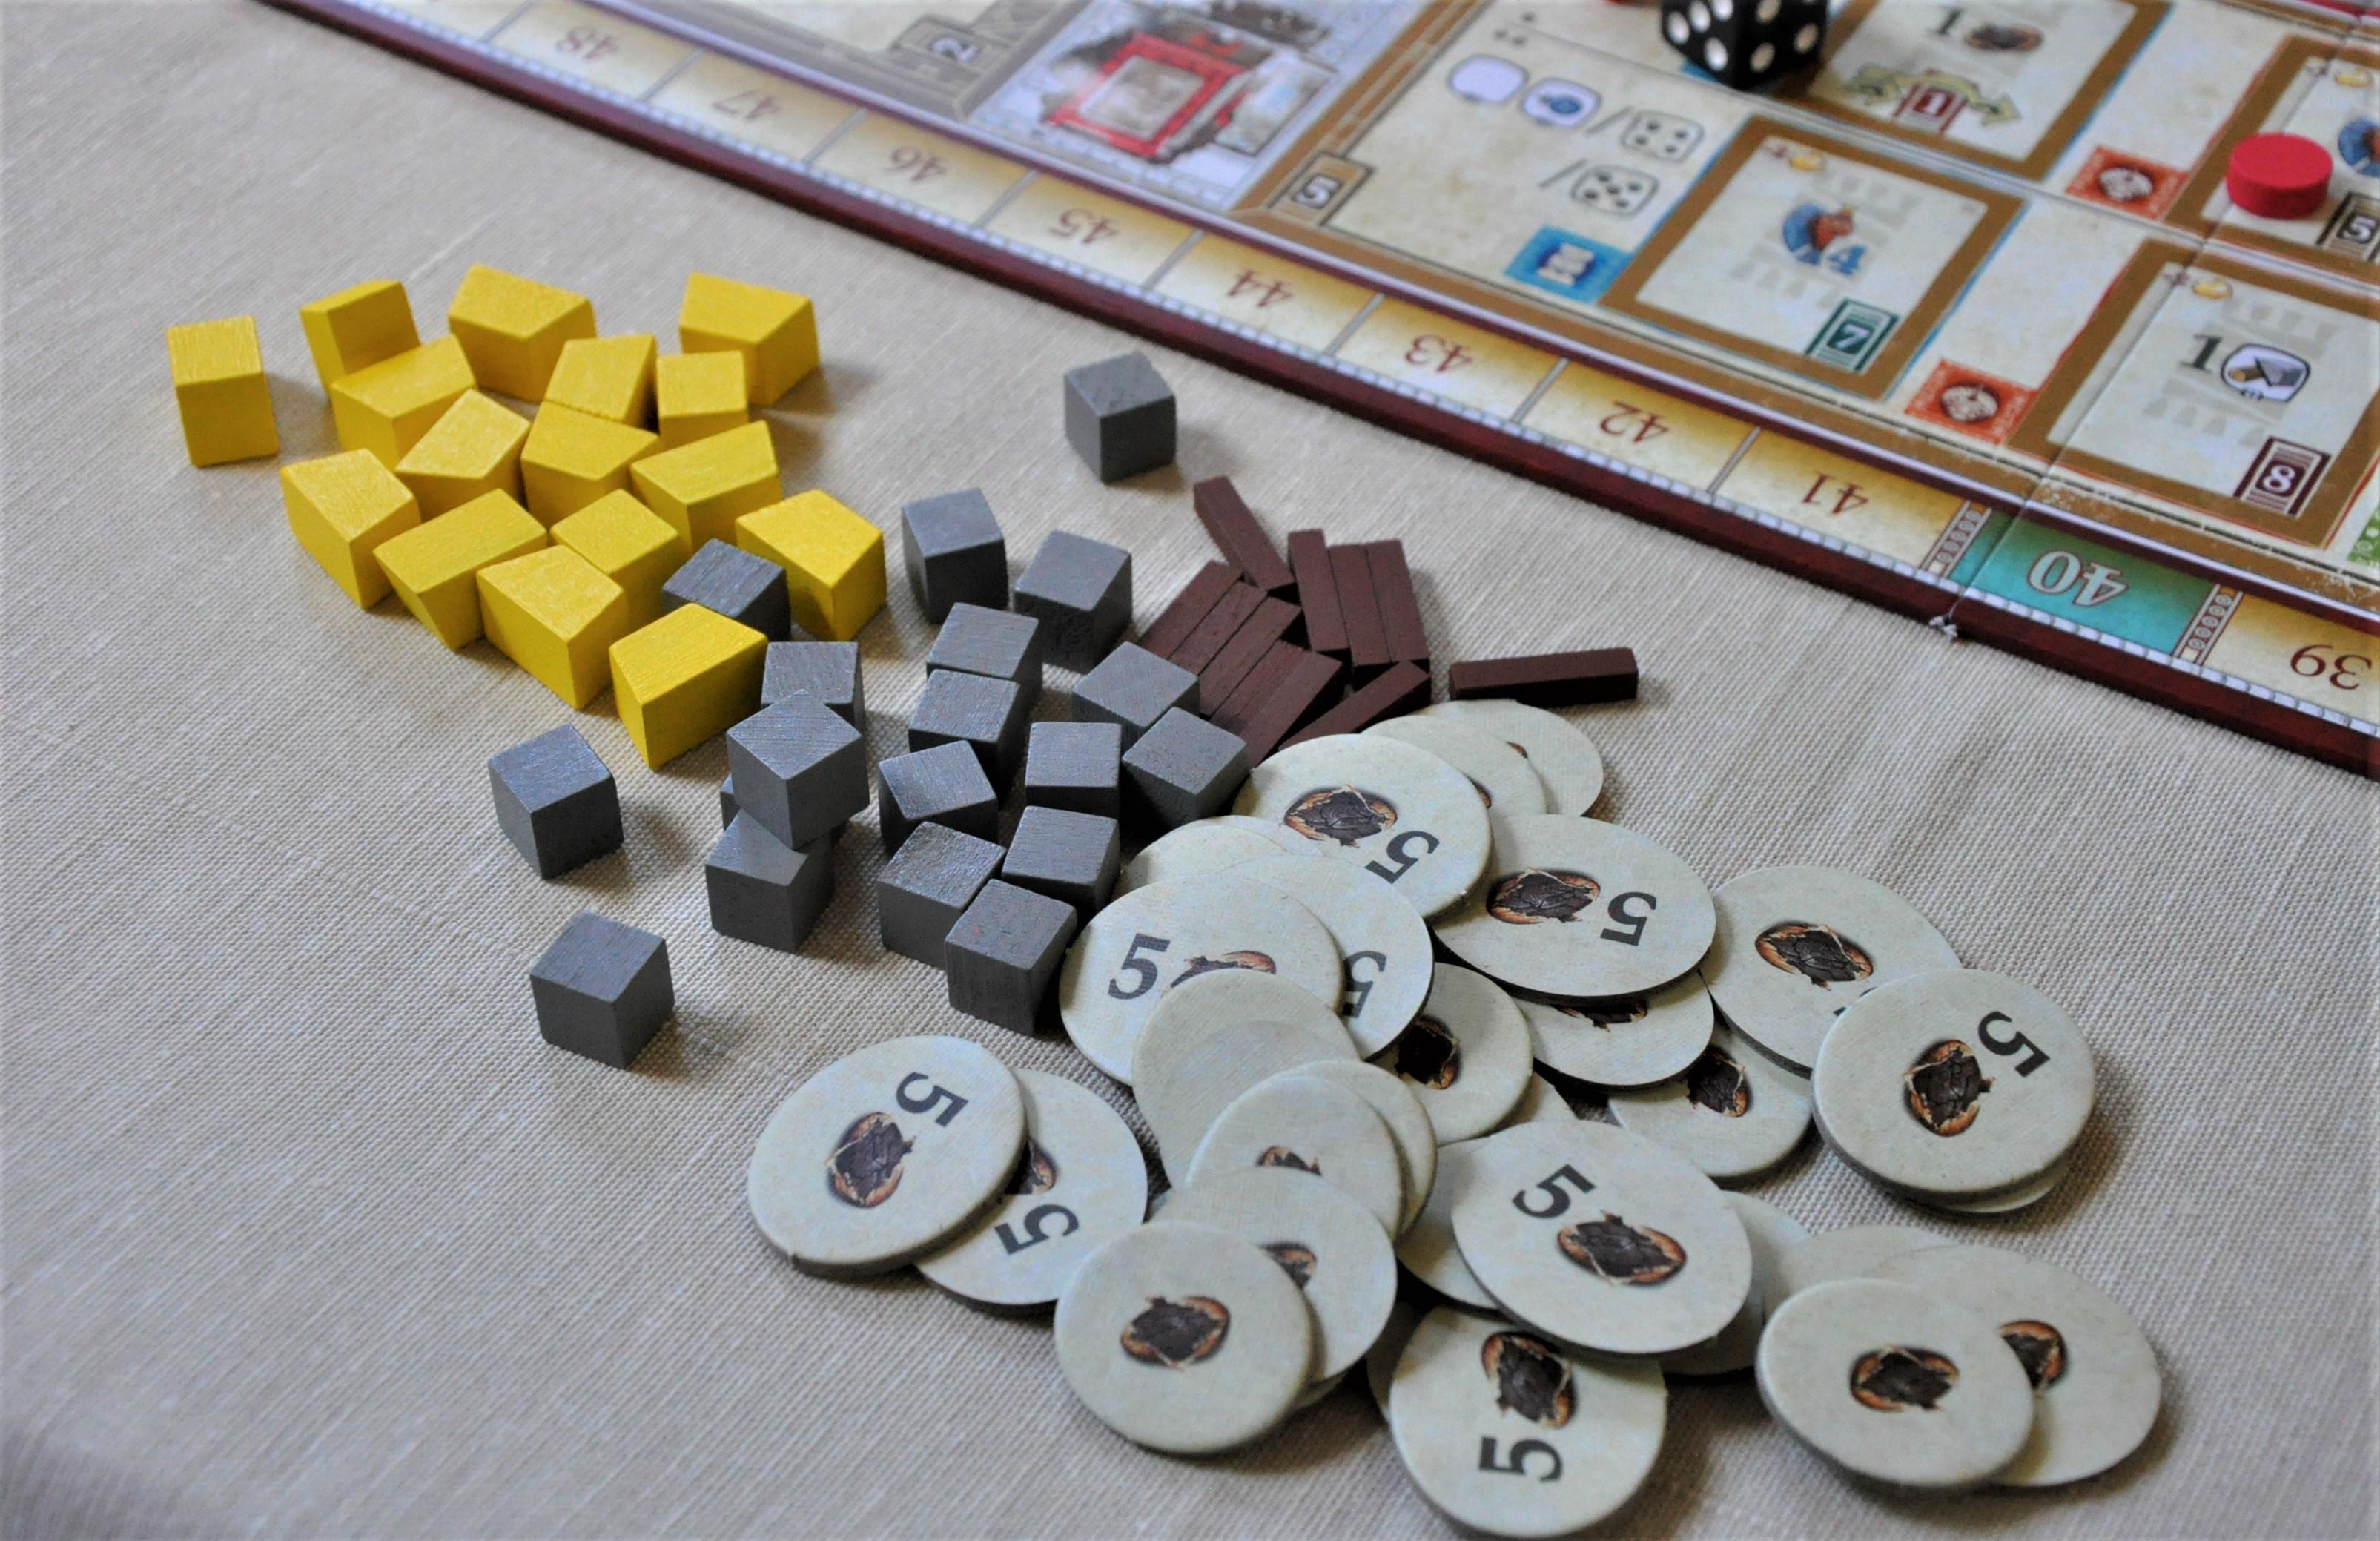 Dostępne wgrze zasoby (złoto, kamień, drewno ikakao)